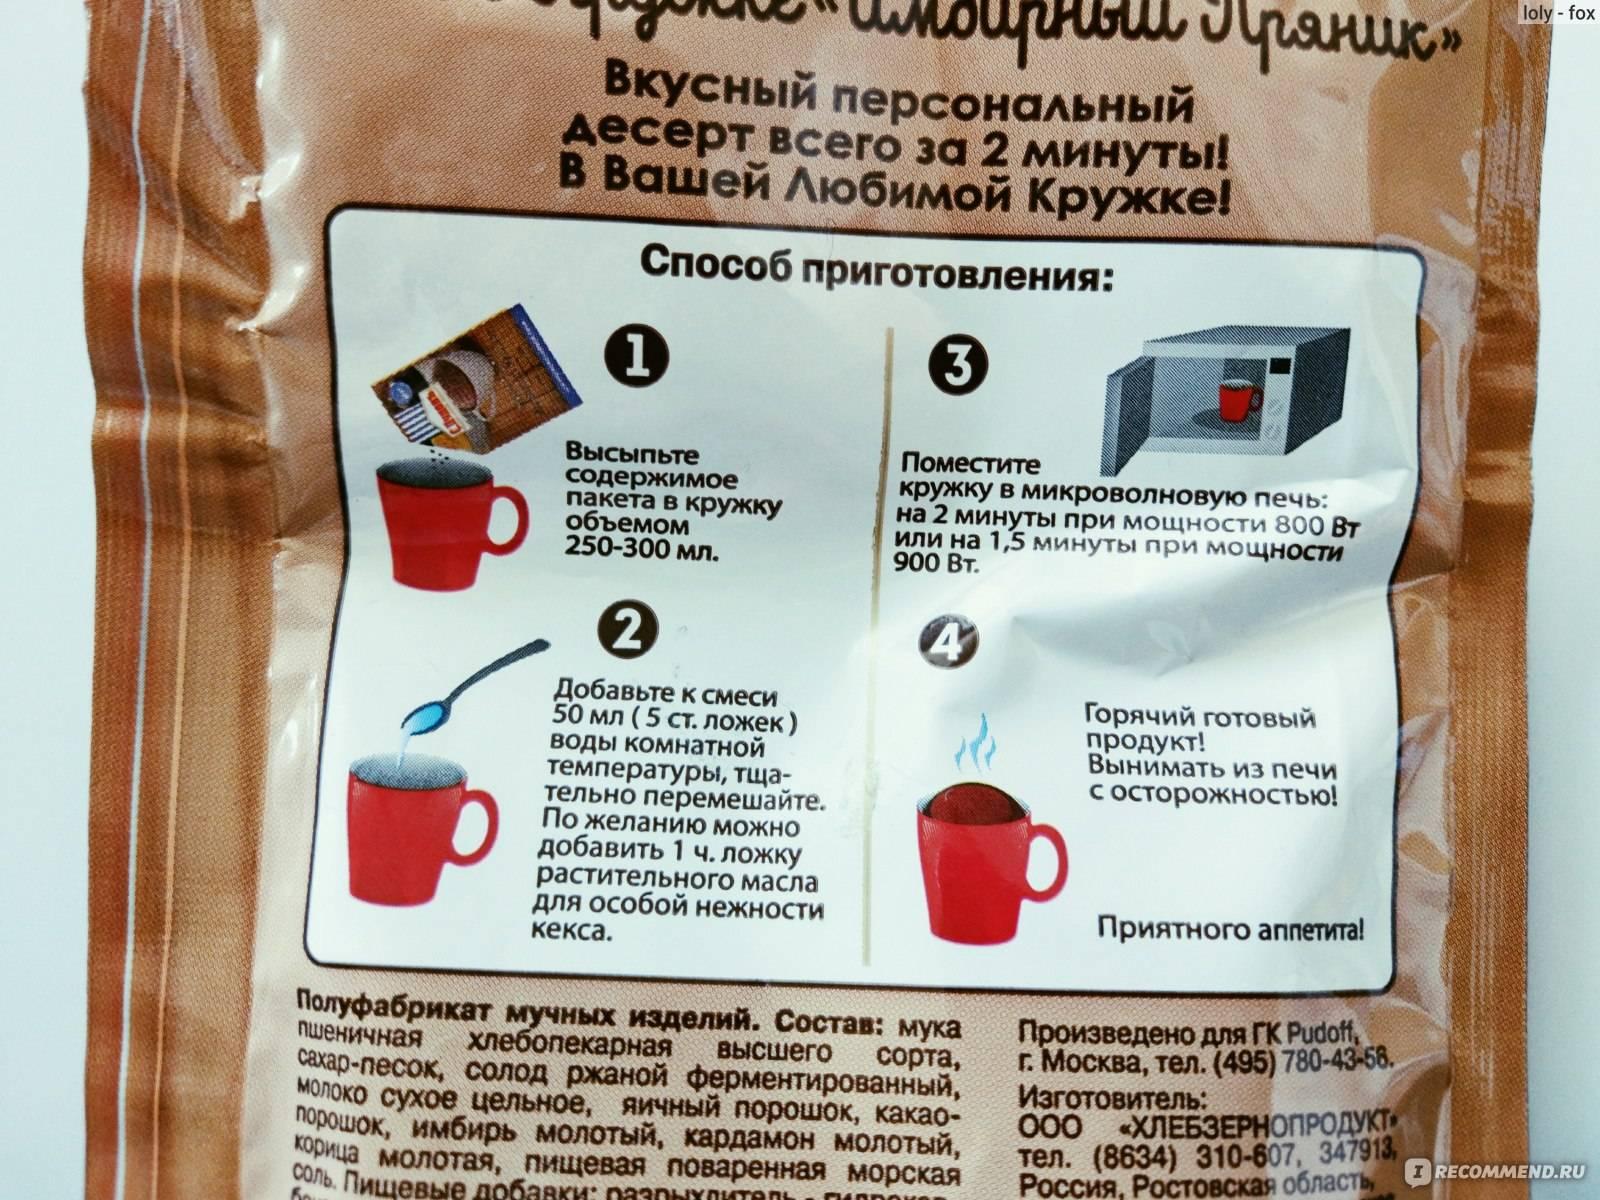 Как сварить кофе в микроволновке: рецепт и советы